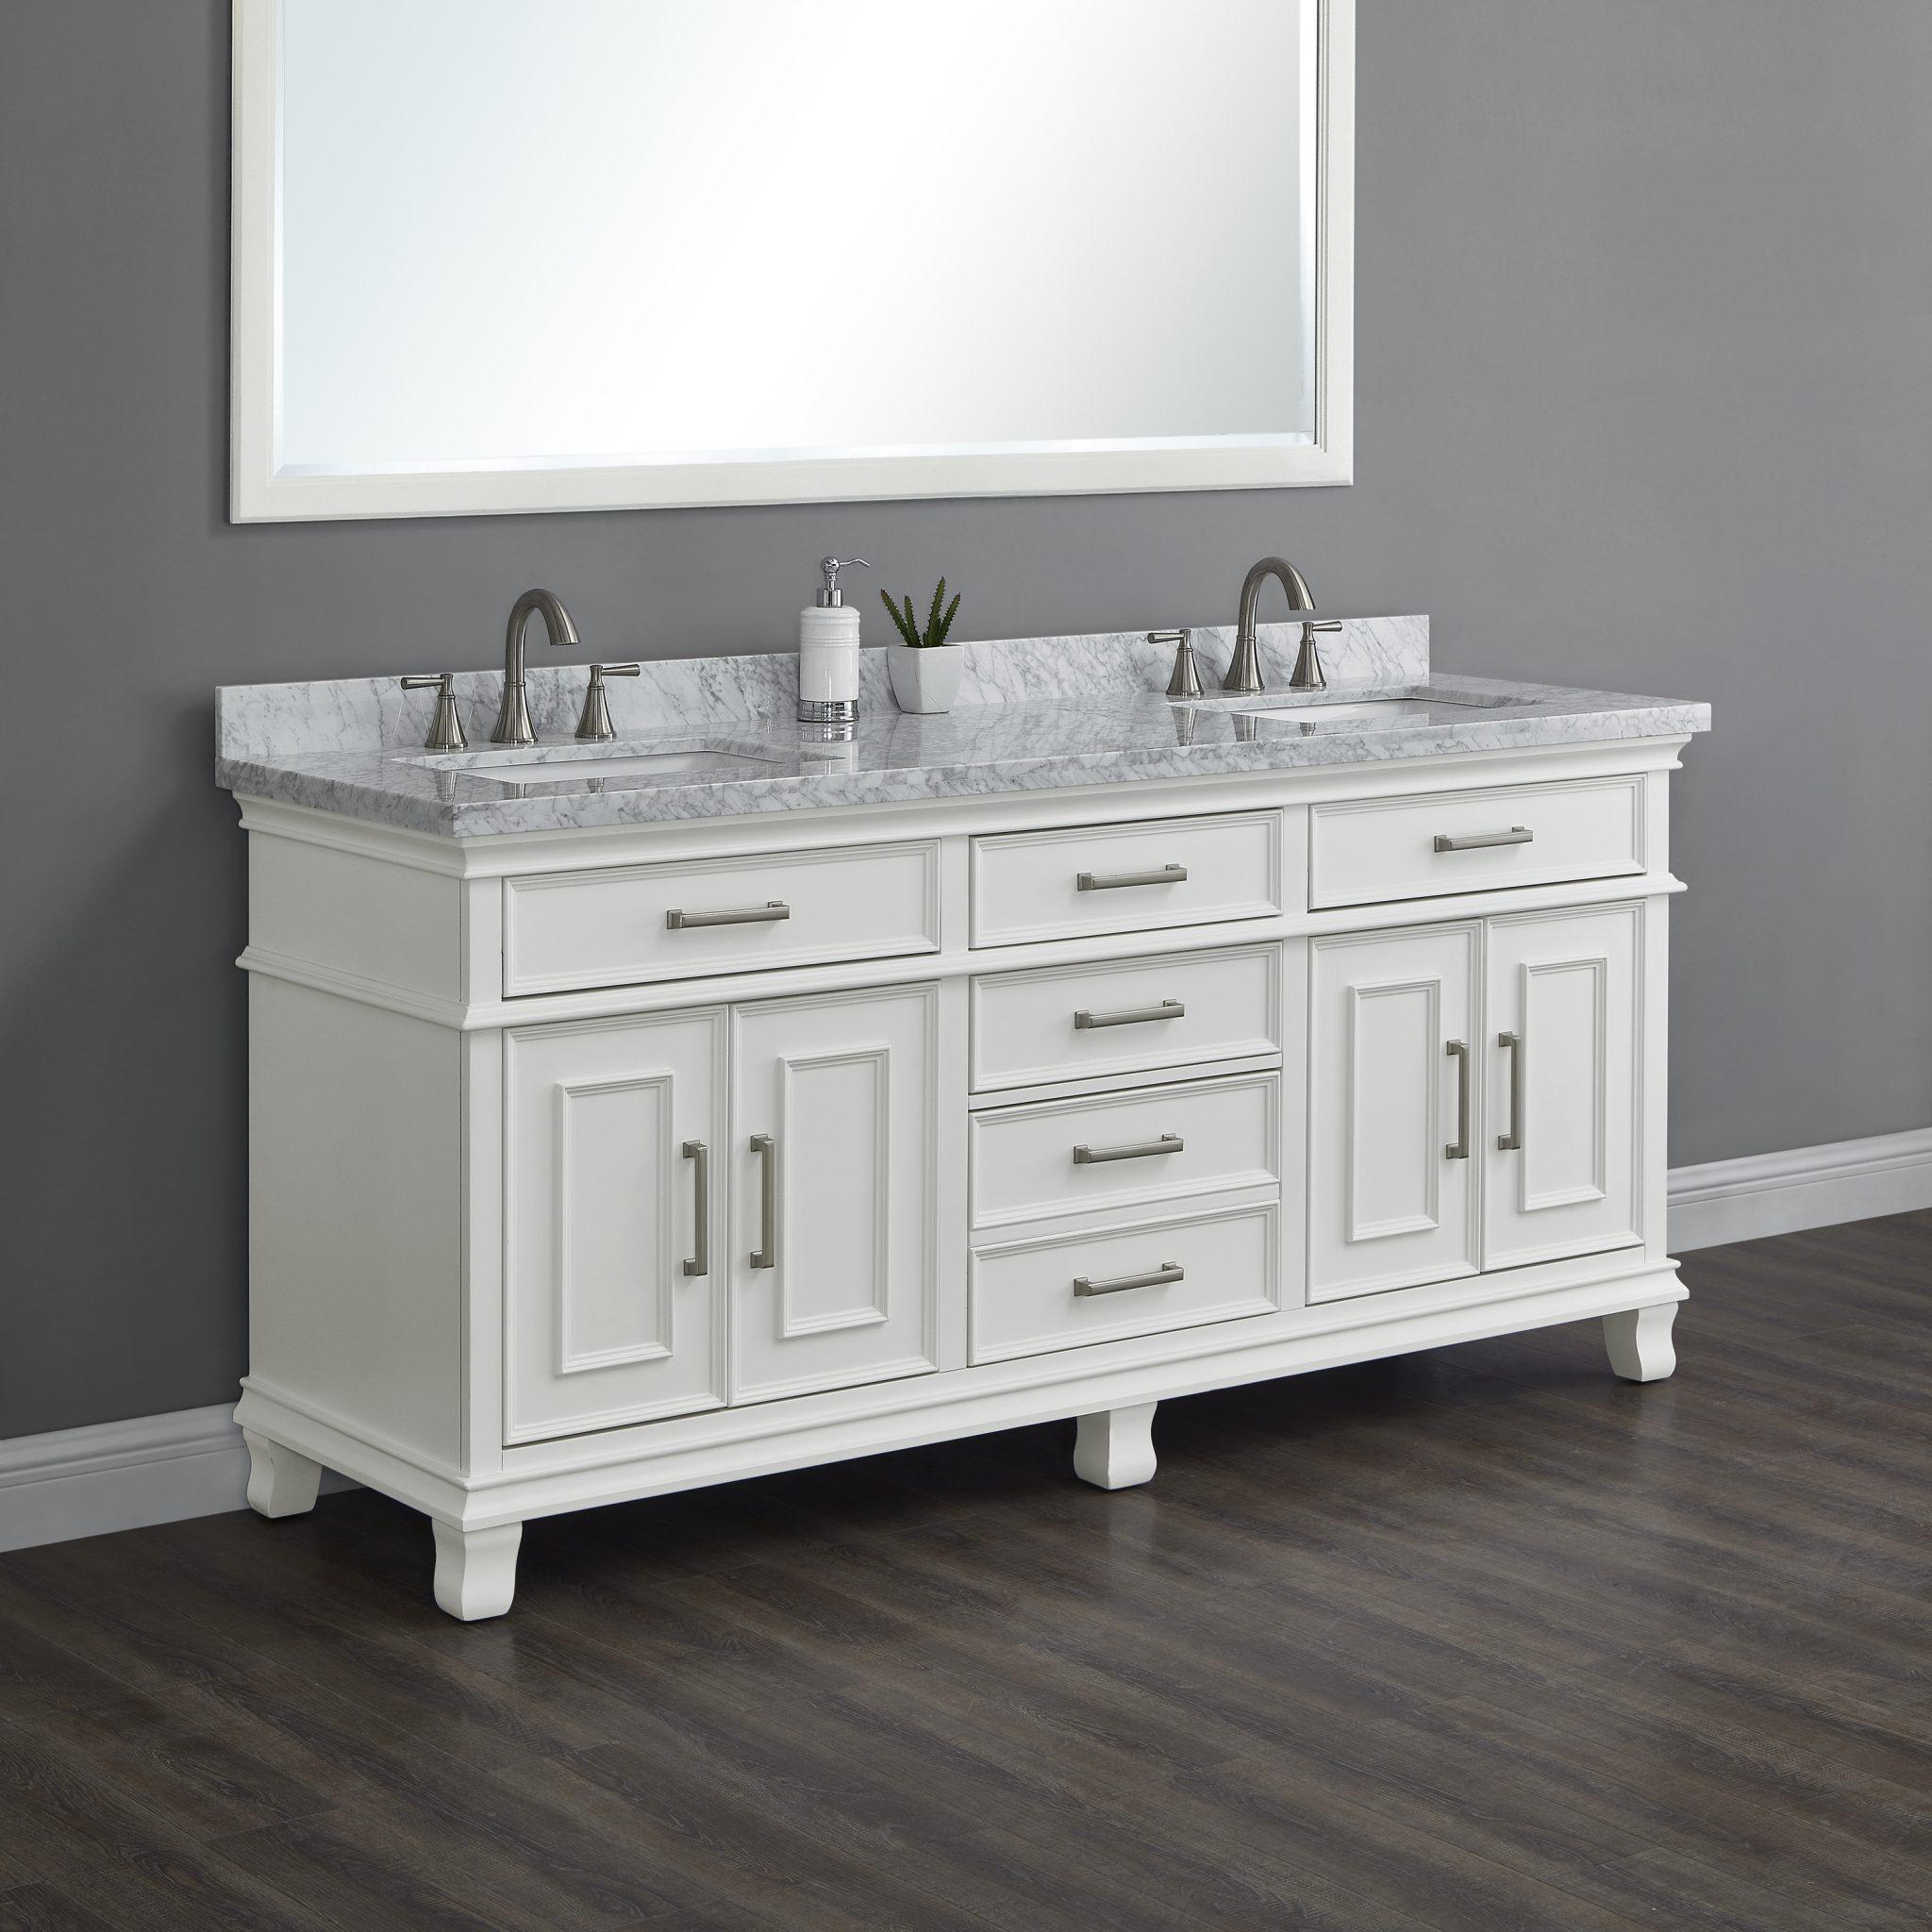 Brayden 72 White Double Sink Vanity, Bathroom Vanities Double Sink 72